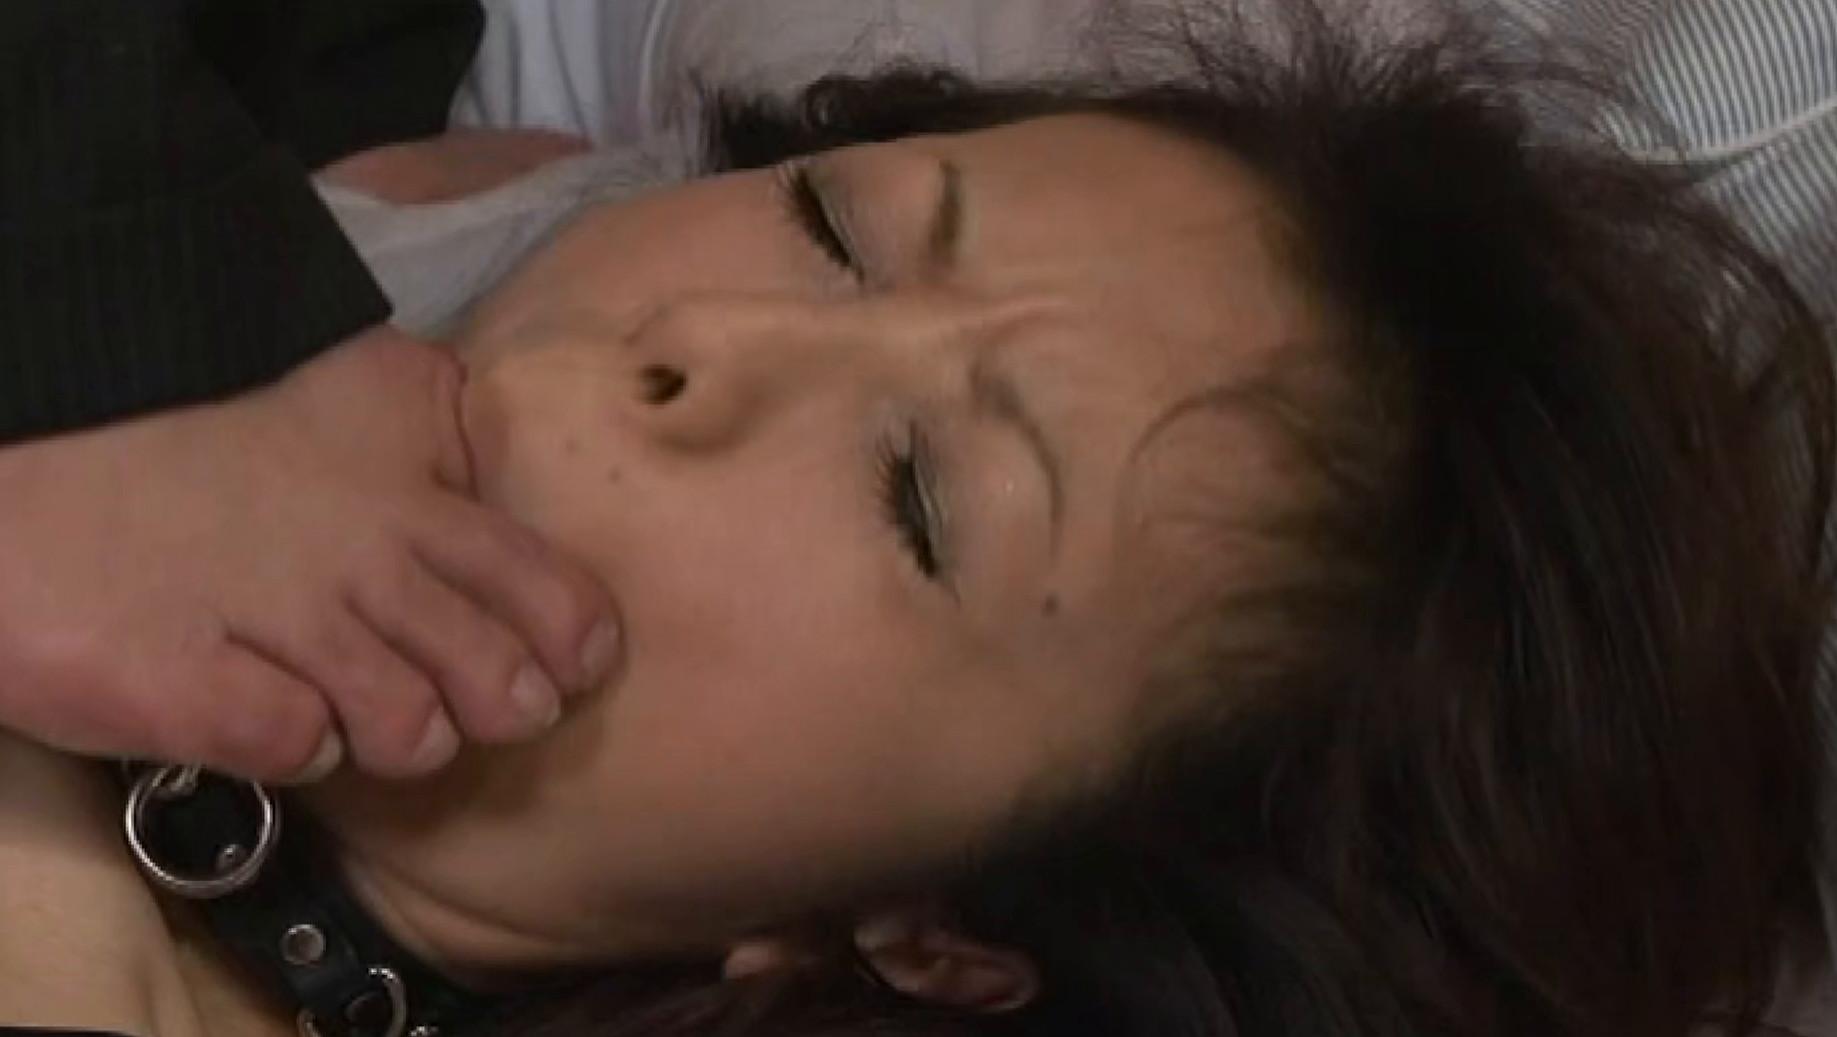 変態中年おやじに調教されアへ顔で精液大量受け入れたオンナ 画像13